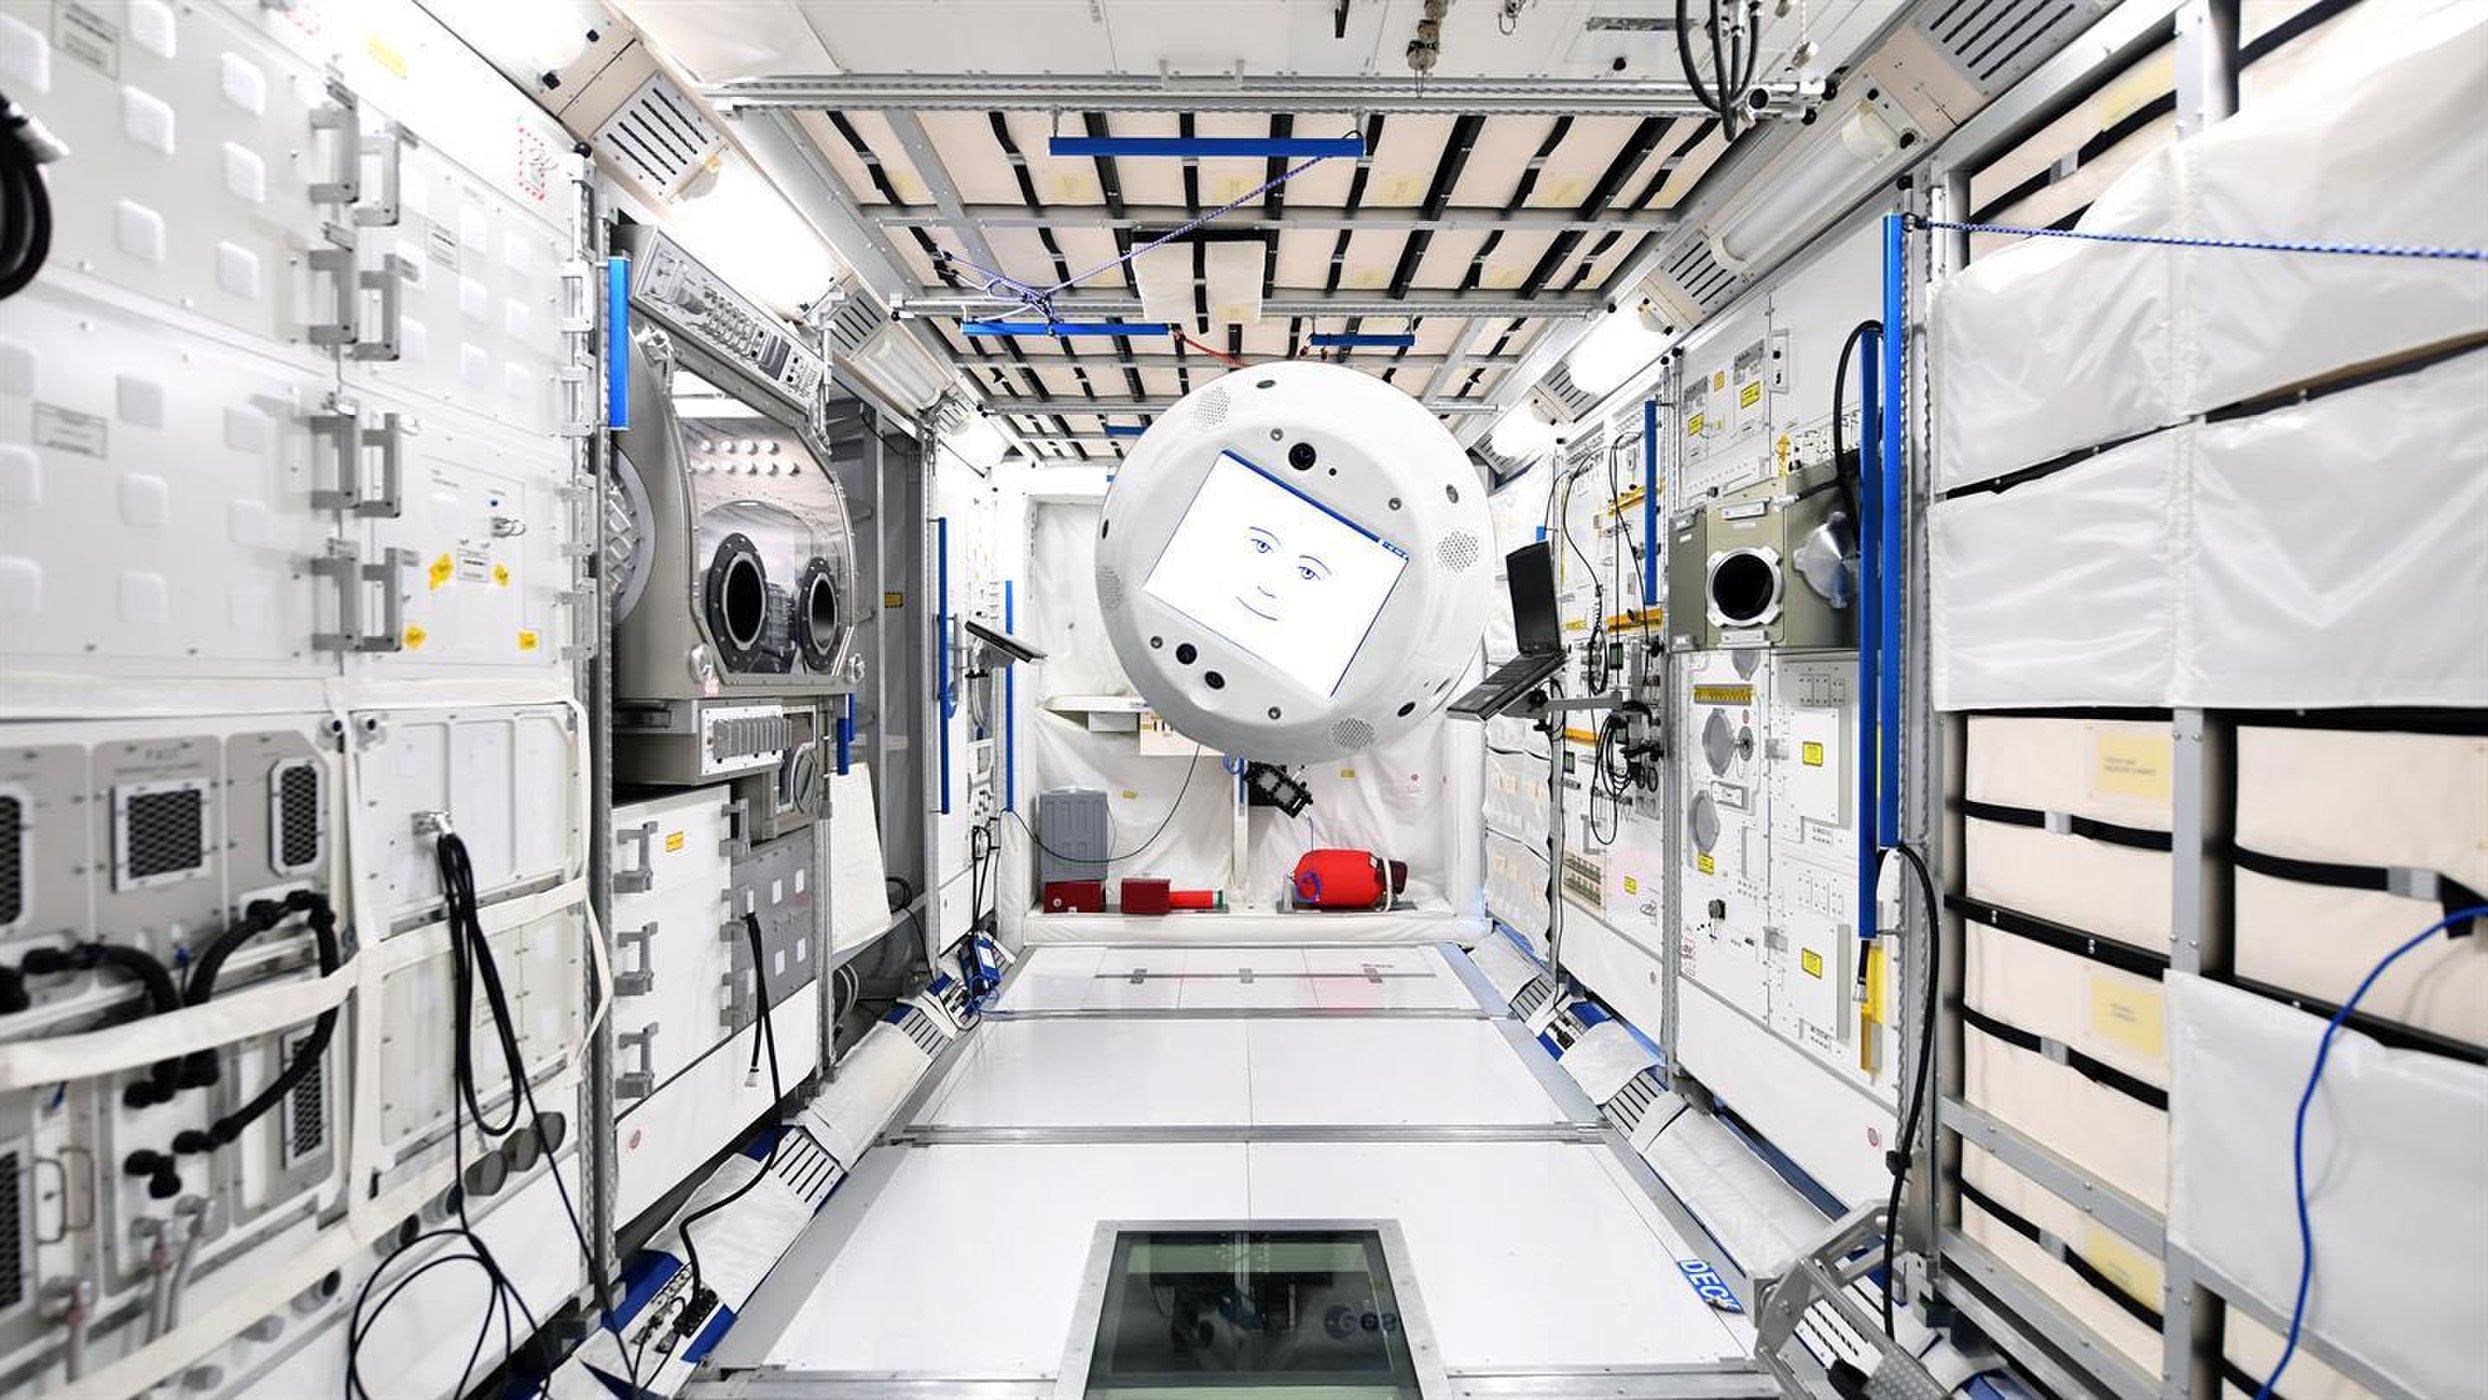 CIMON er den første kunstige intelligensen på romstasjonen. Foto: DLR/T. Bourry/ESA